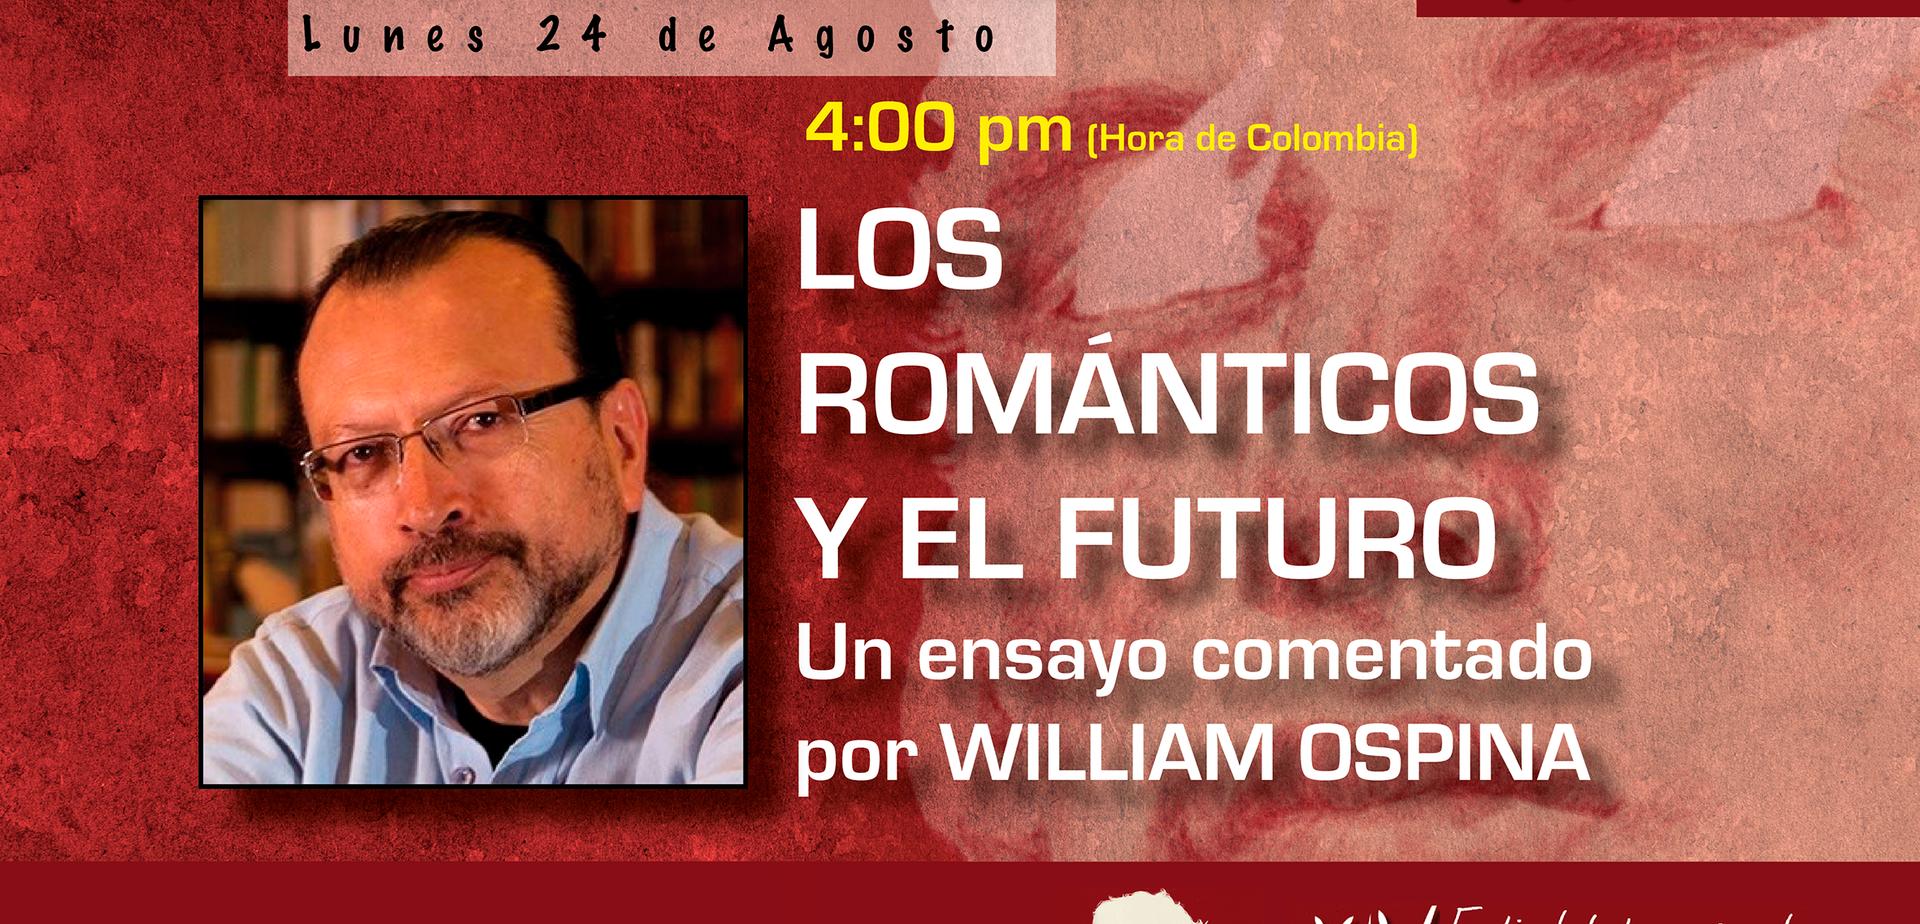 Conferencia William Ospina 24 de Agosto.